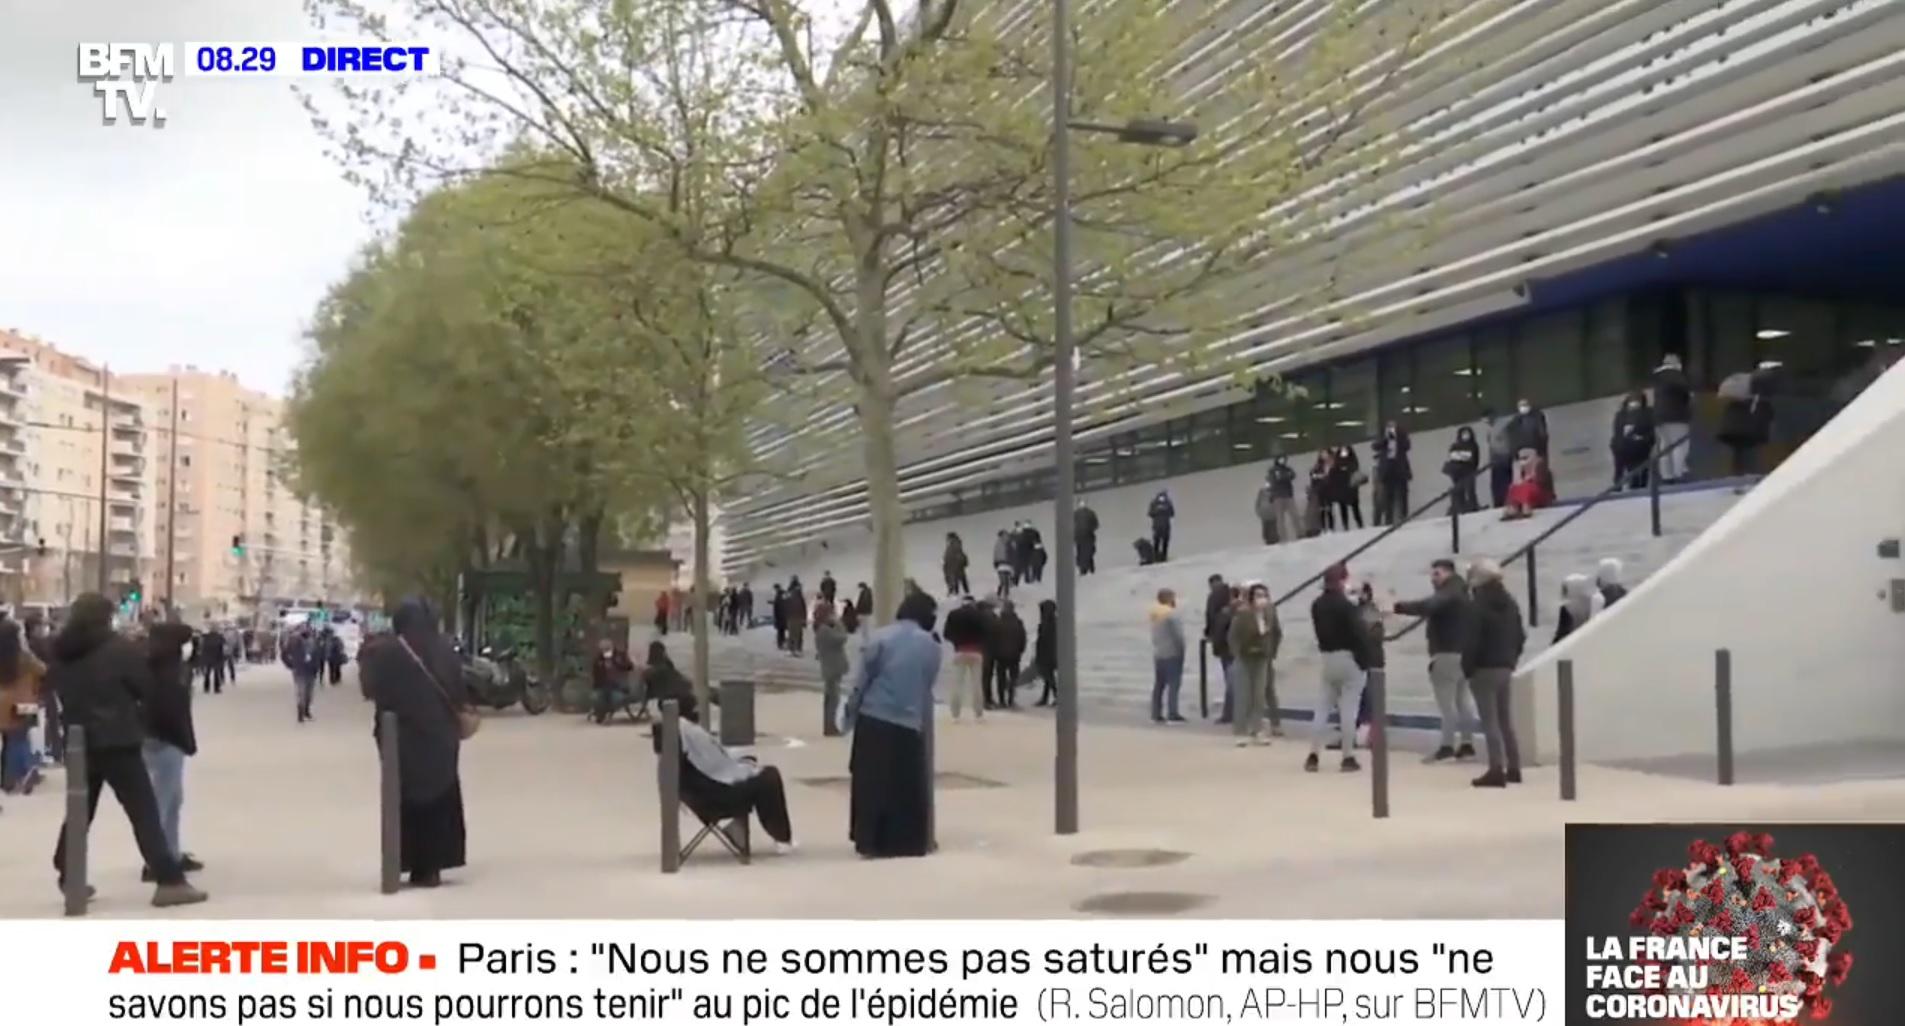 Il teste et traite les Marseillais devant toute la France